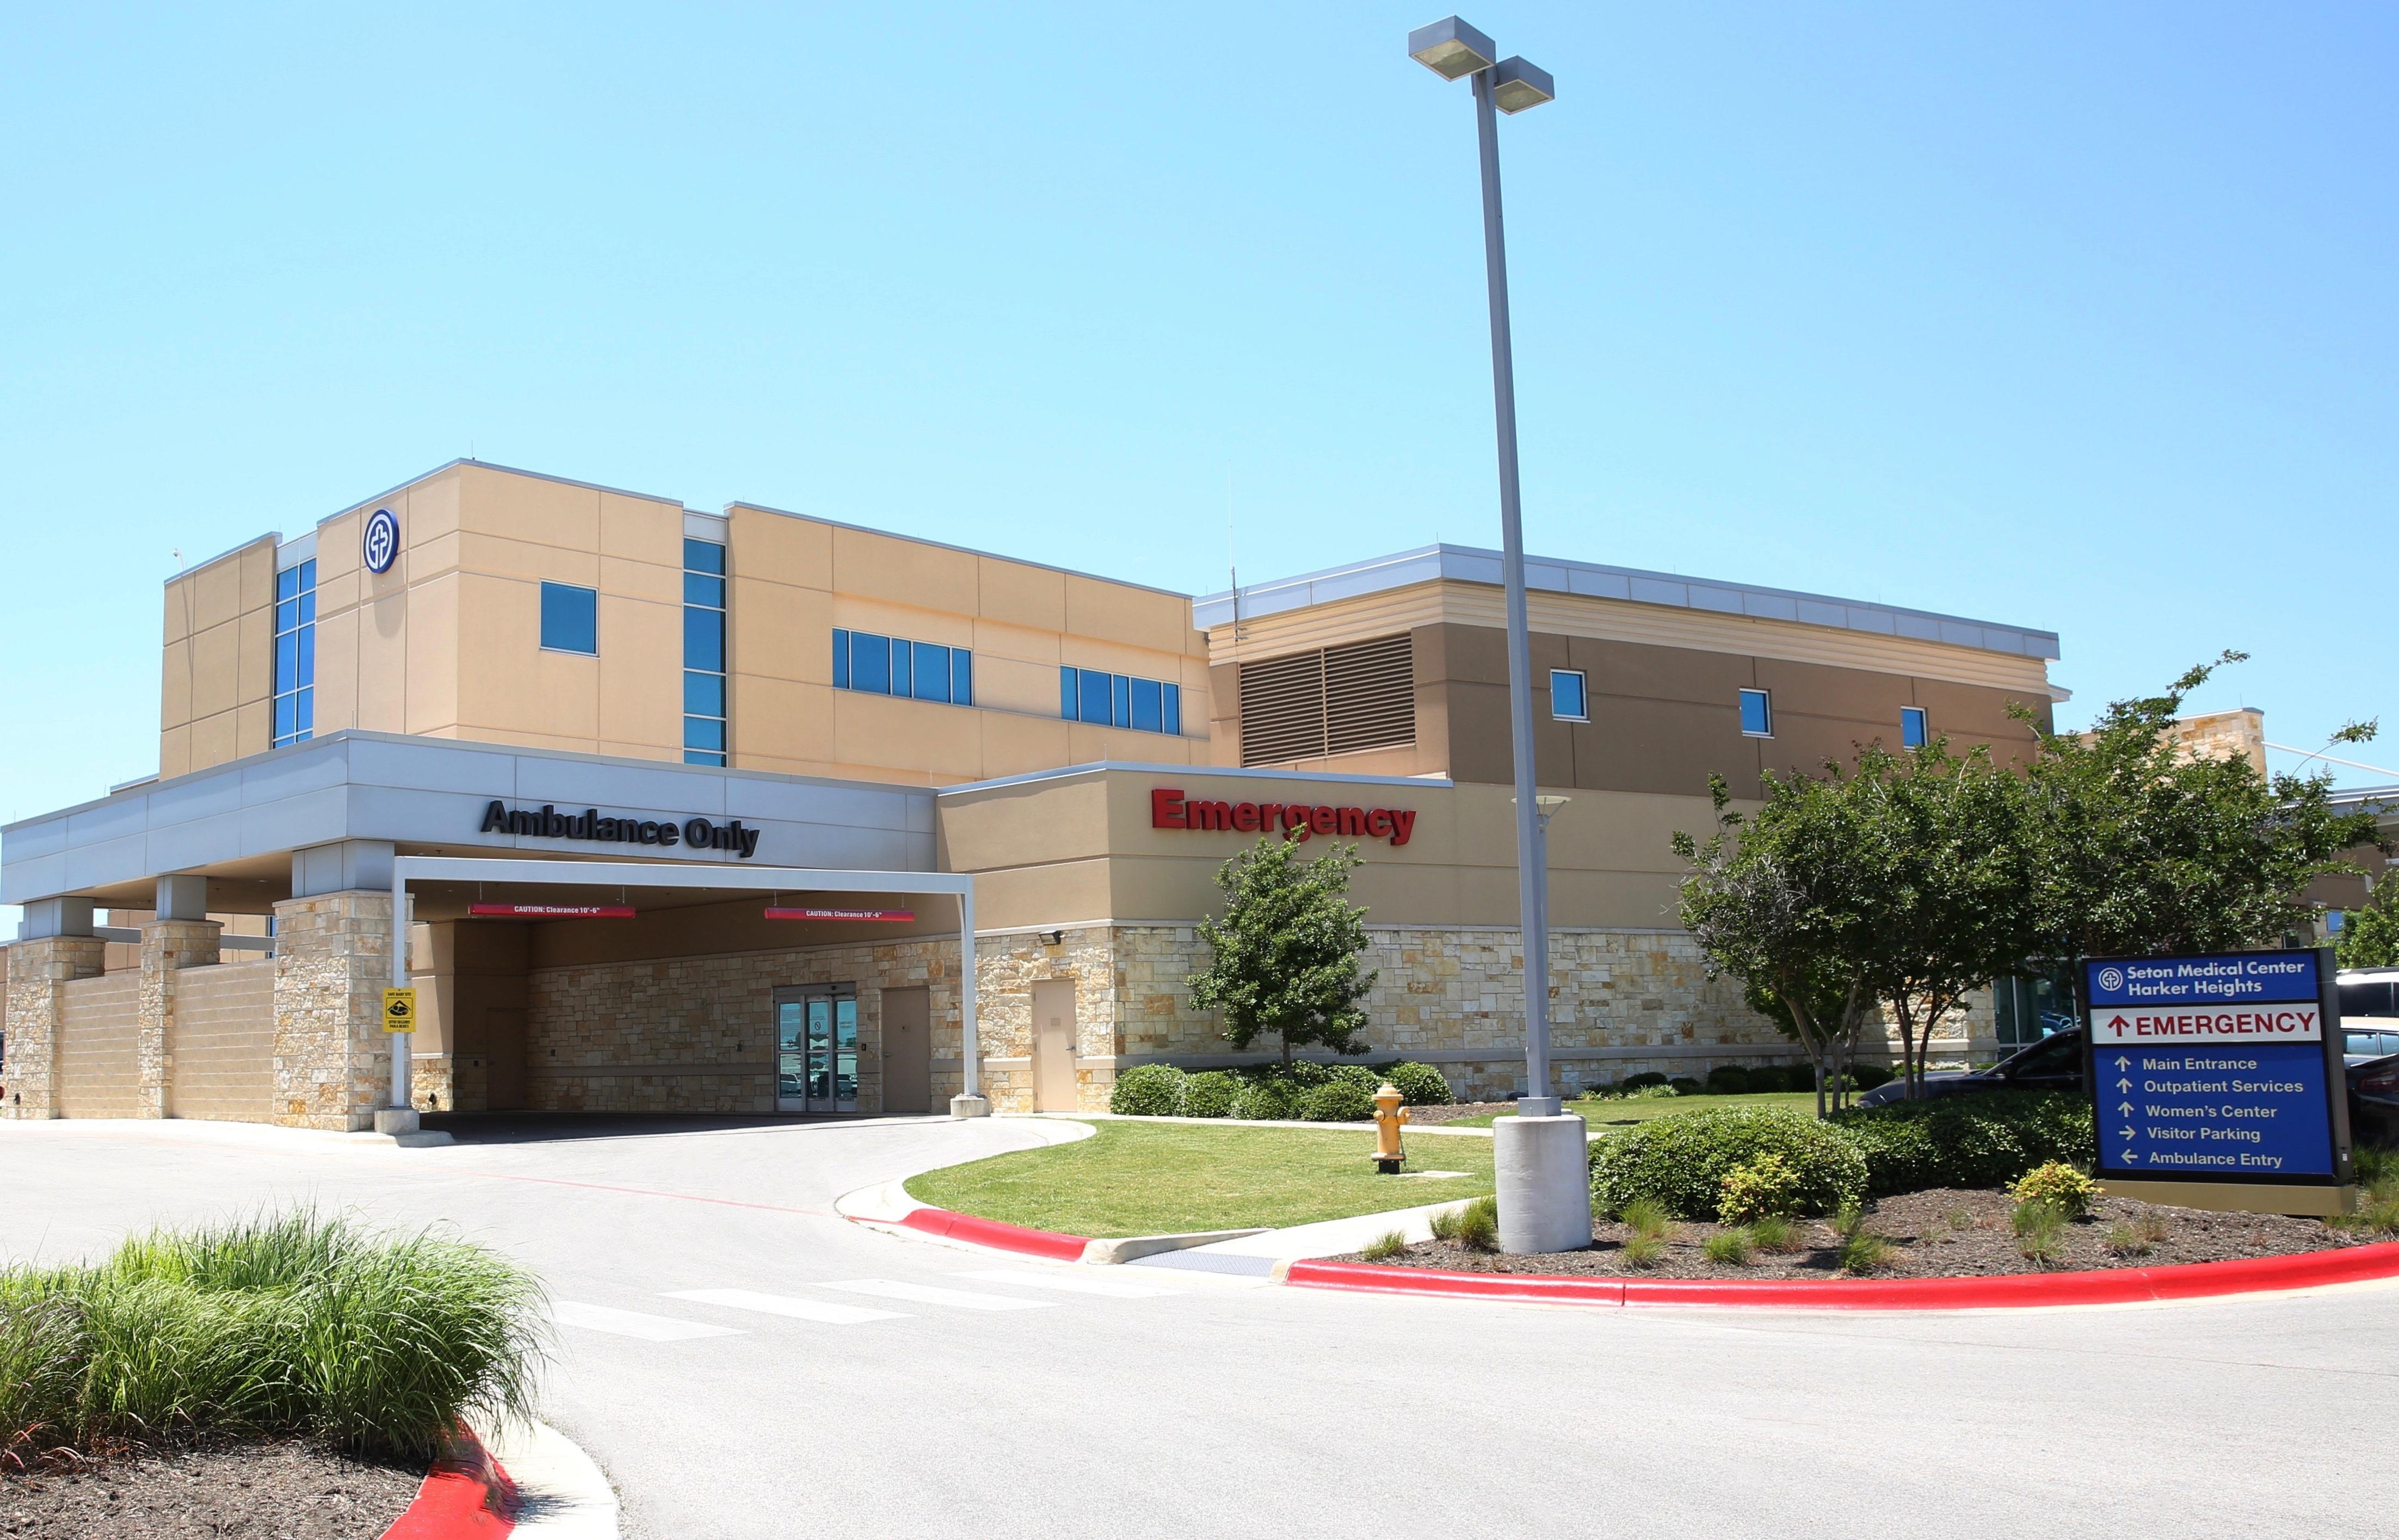 Emergency Room Seton Medical Center Harker Heights